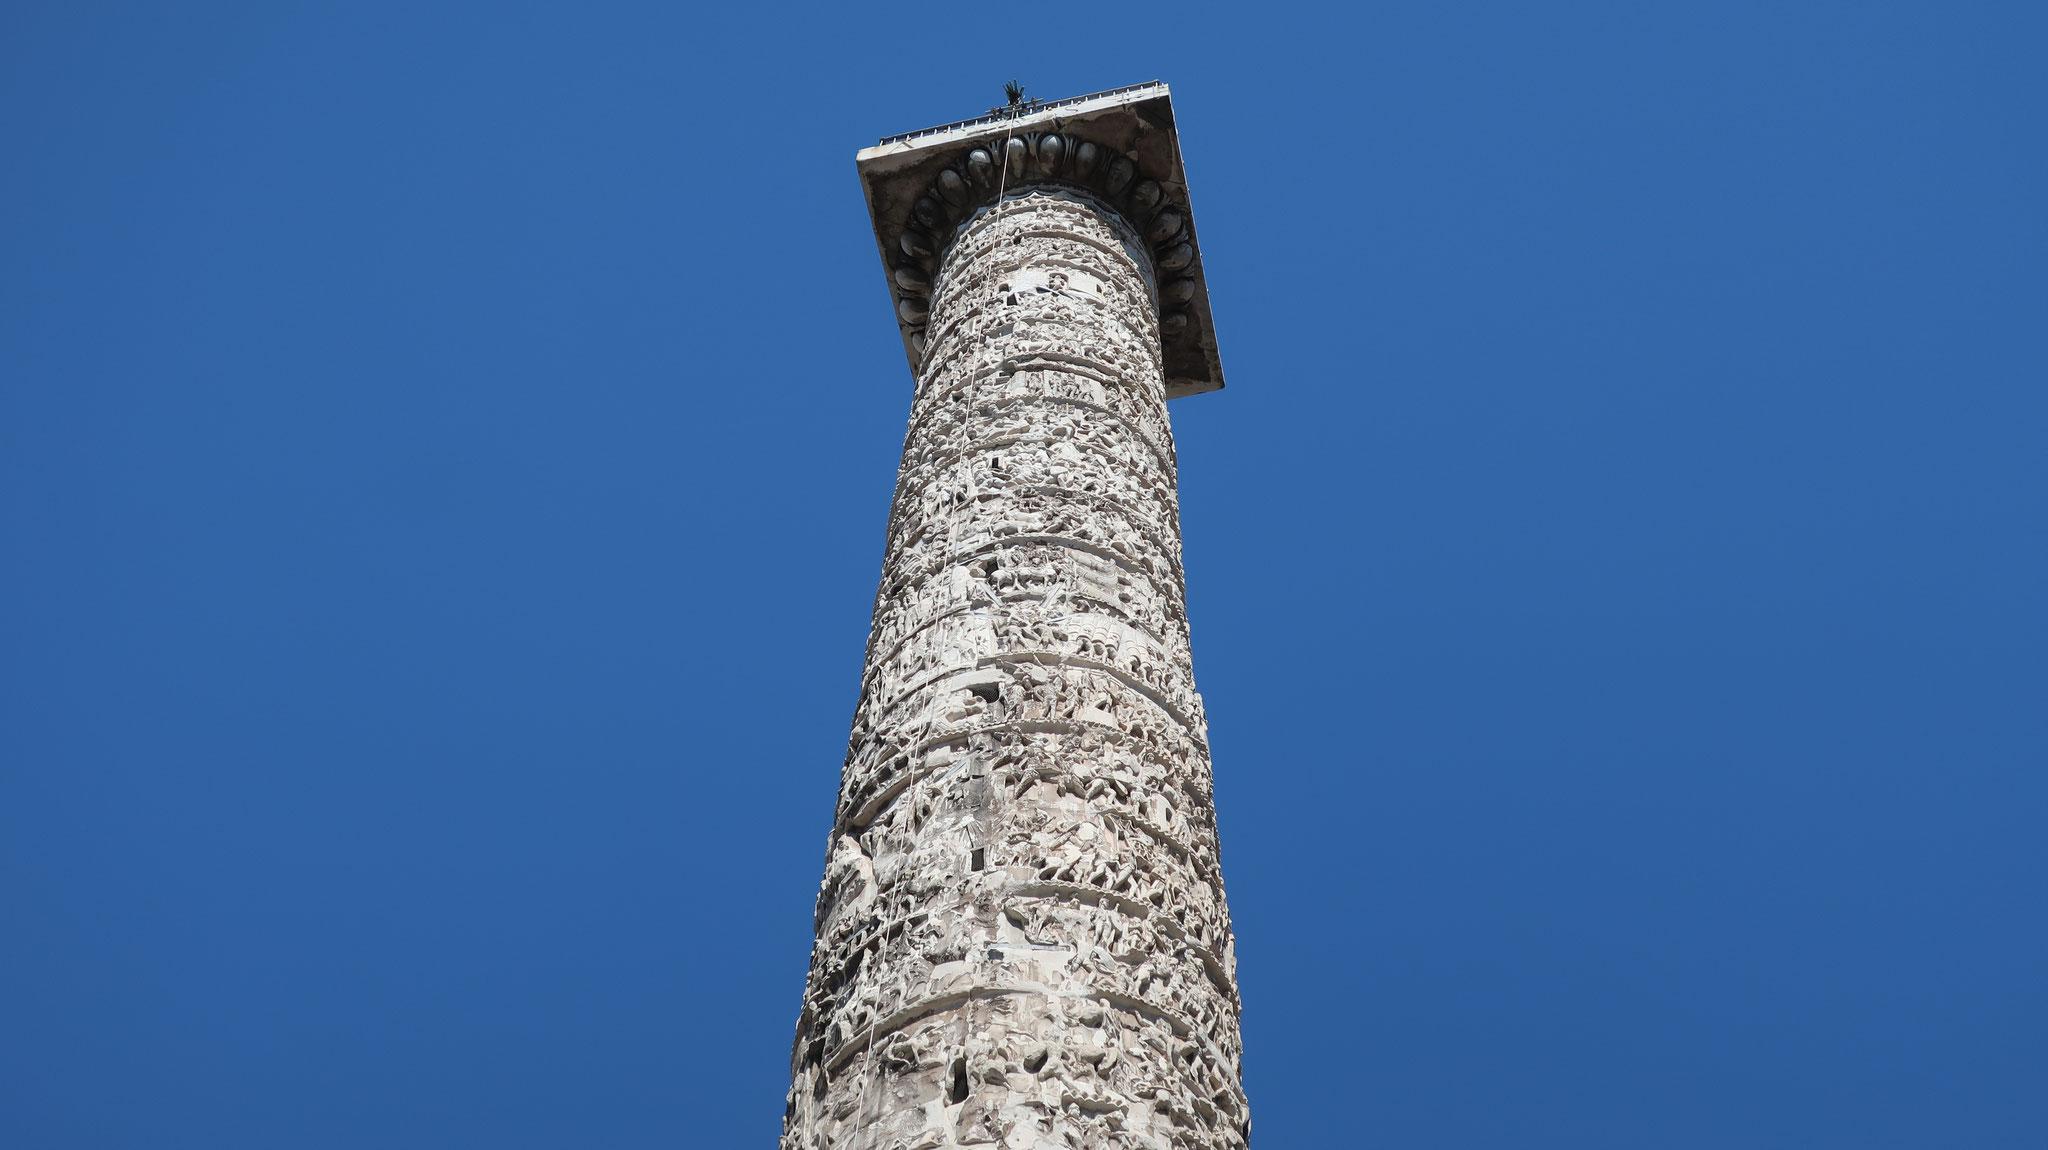 円柱には上から下まで螺旋状の浮き彫りが施されています。ローマ帝国・皇帝の権威と正当性を語っています。